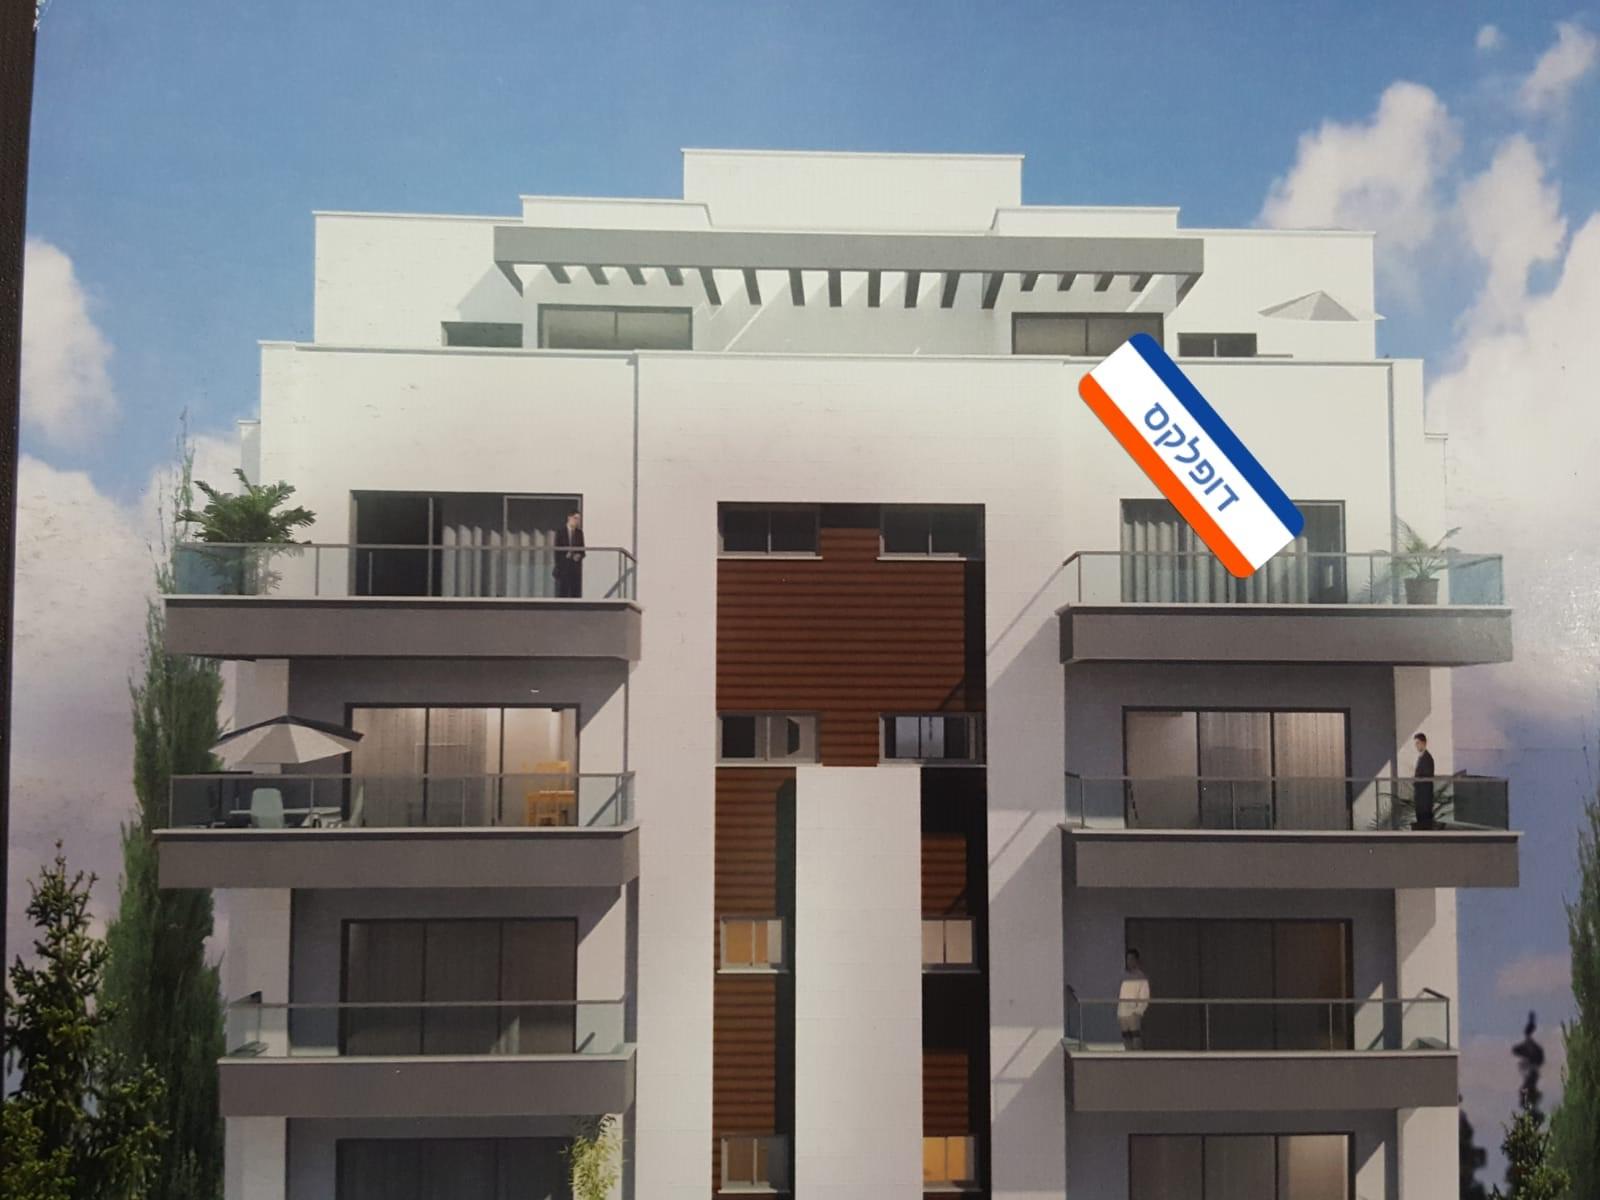 למכירה דופלקס 6 חד' חדש ברח' שמשון בחיפה